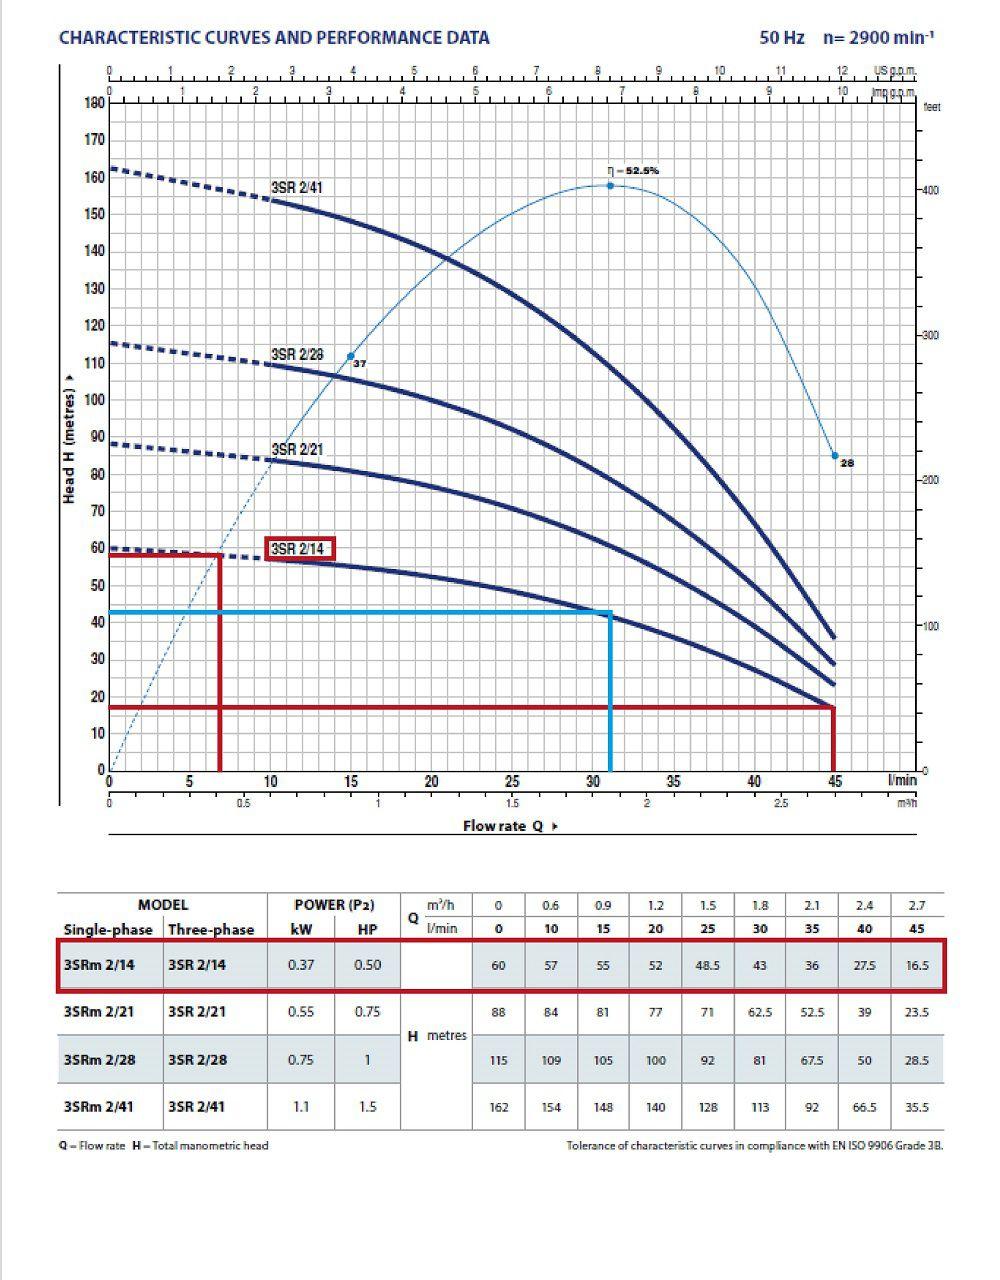 Grafic functionare H/Q pentru pompa submersibila Pedrollo 3sr-m-2-14